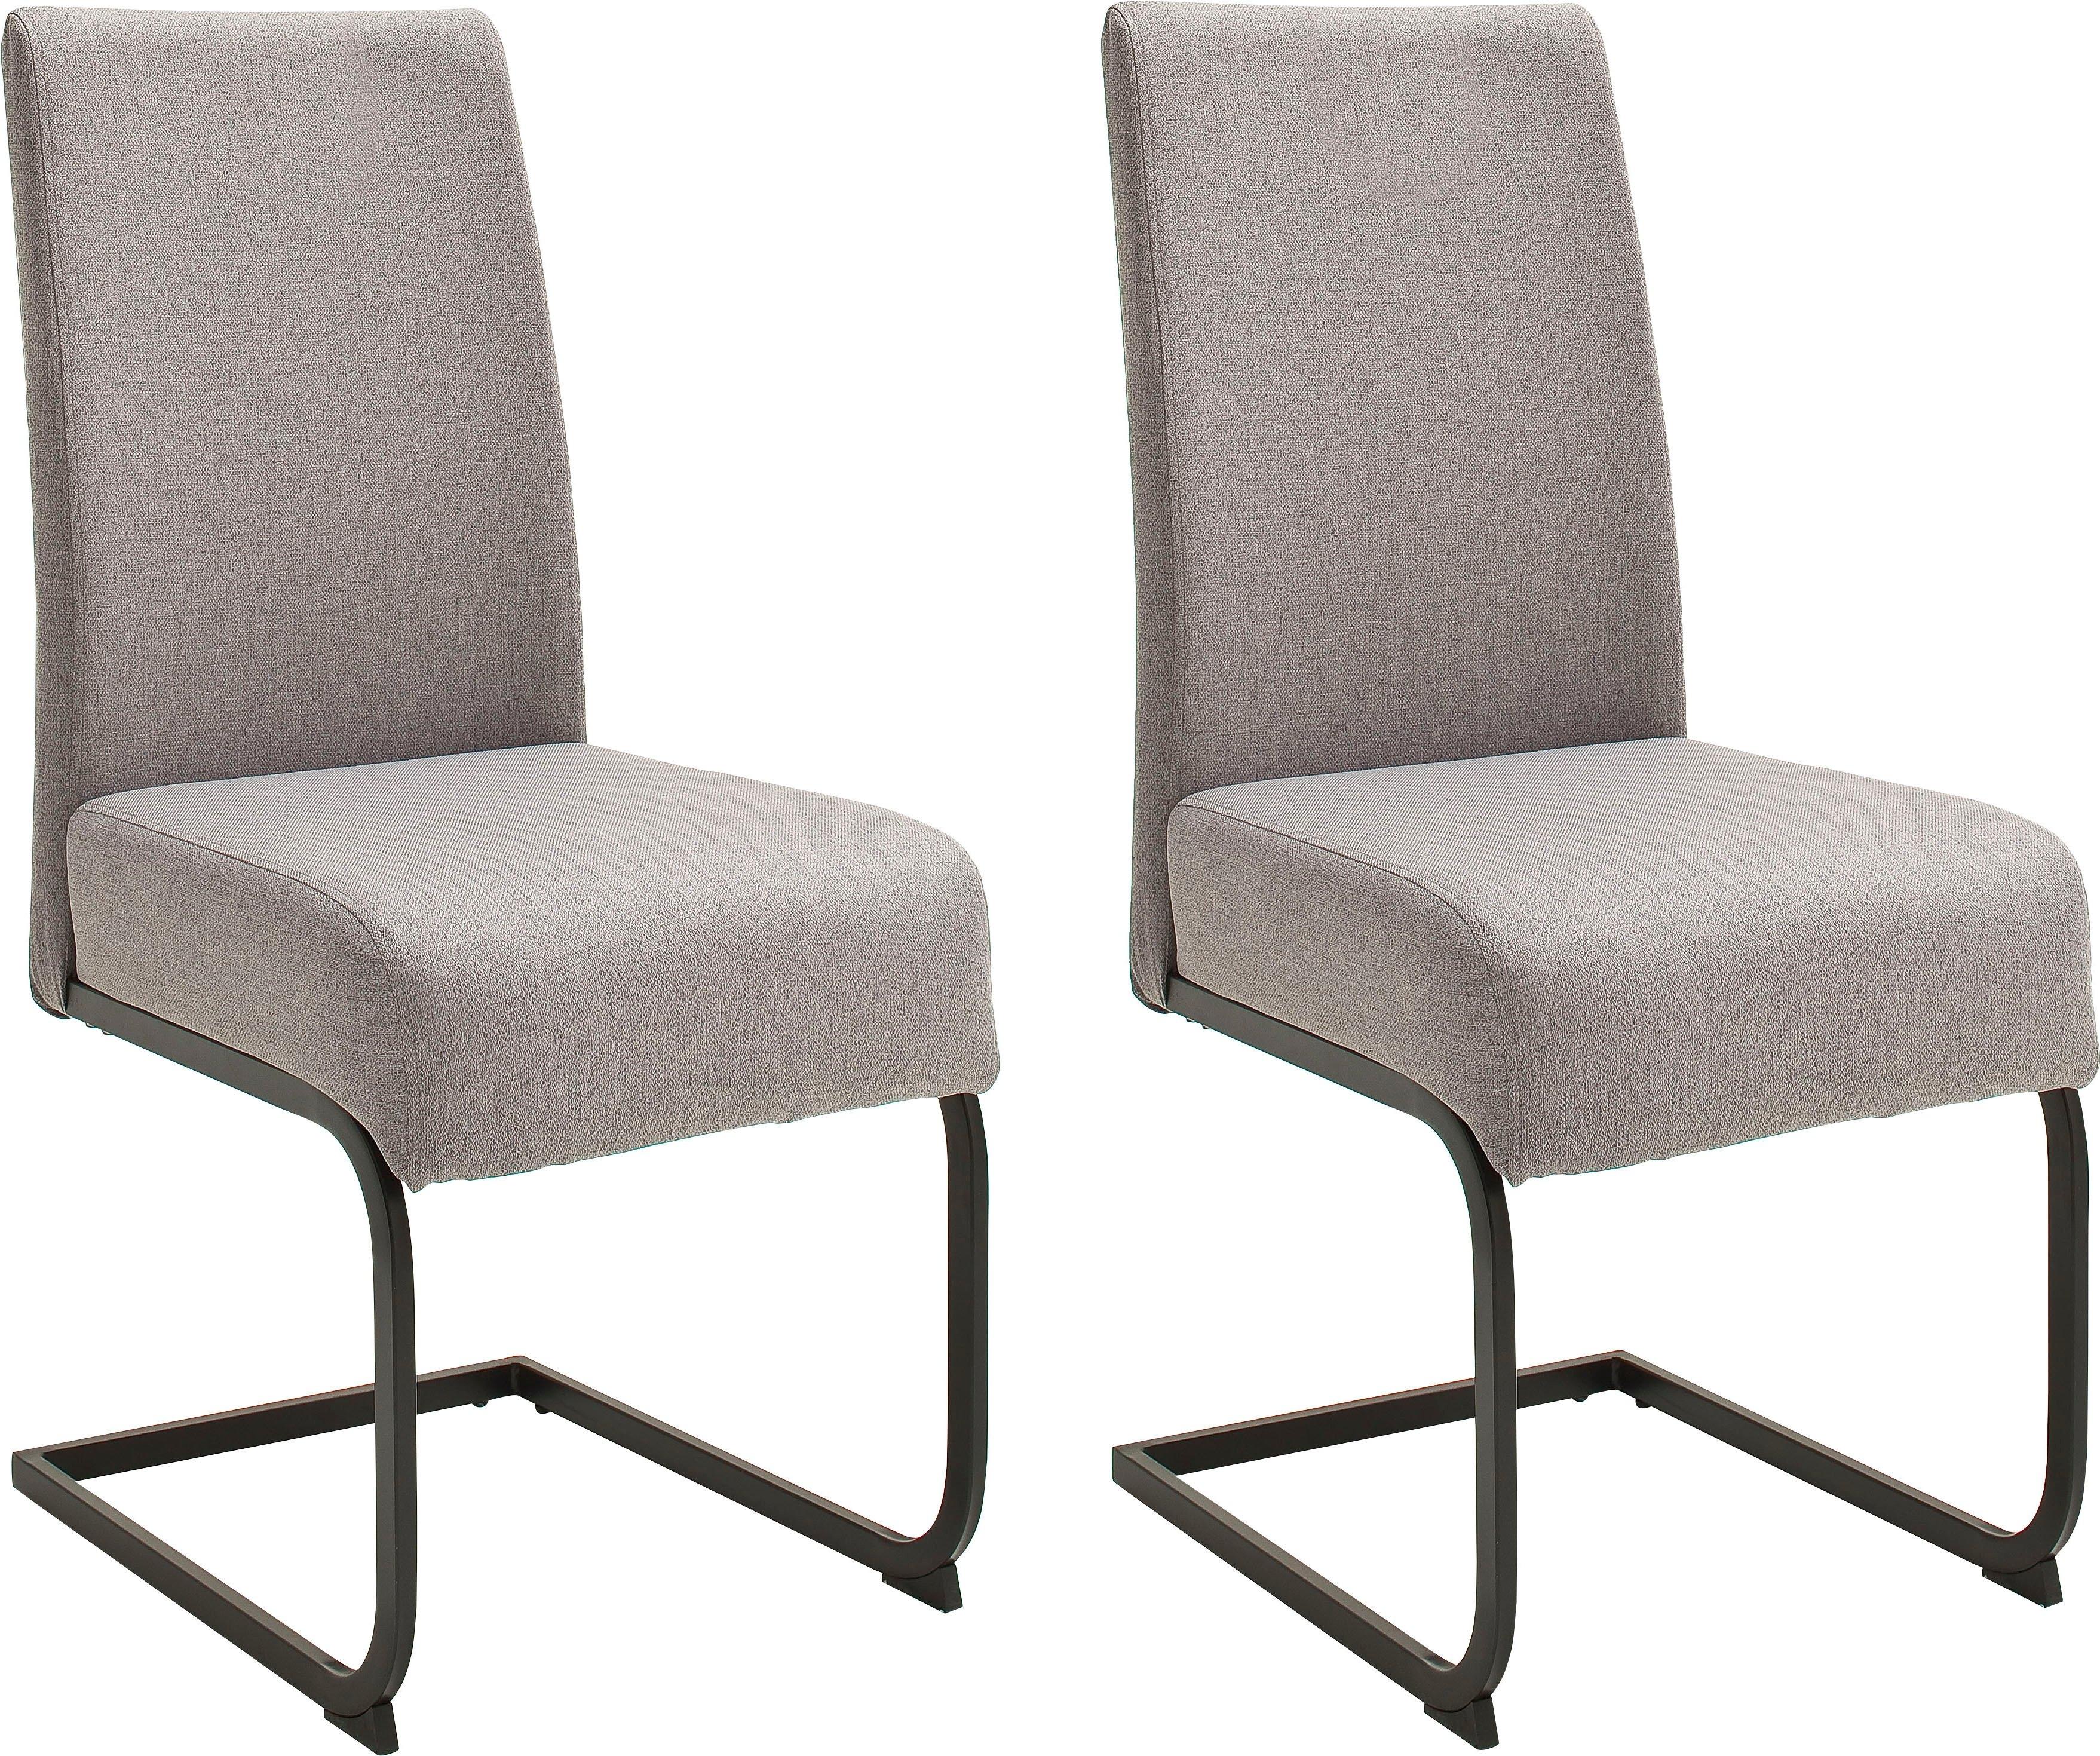 MCA furniture eetkamerstoel Esteli Bekleding fijnweefsel, stoel belastbaar tot 120 kg (set, 2 stuks) - gratis ruilen op otto.nl